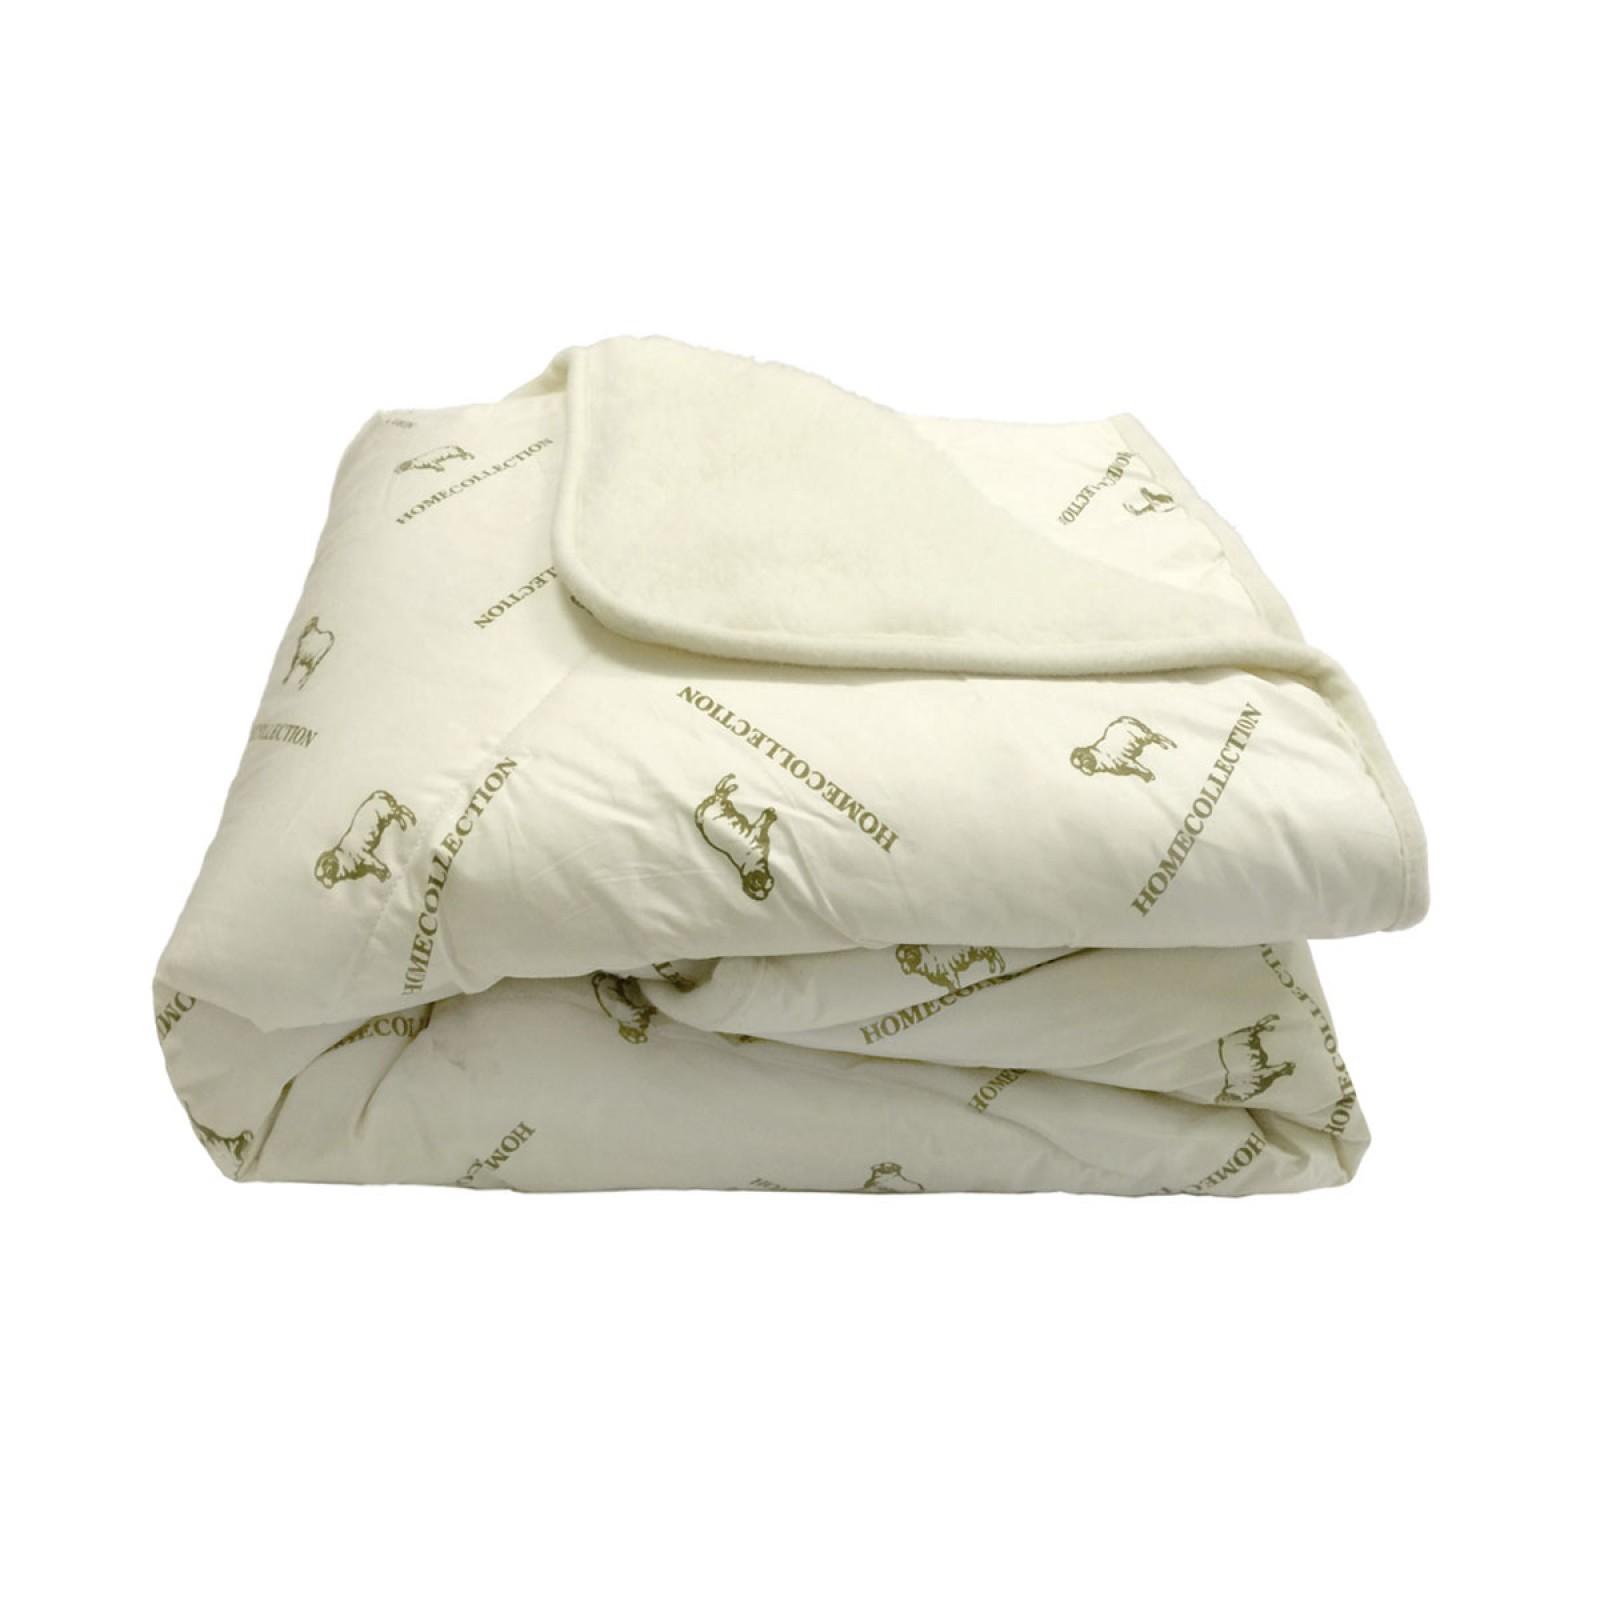 Одеяло из овечьей шерсти детское  «Home collection» 140х110 белое